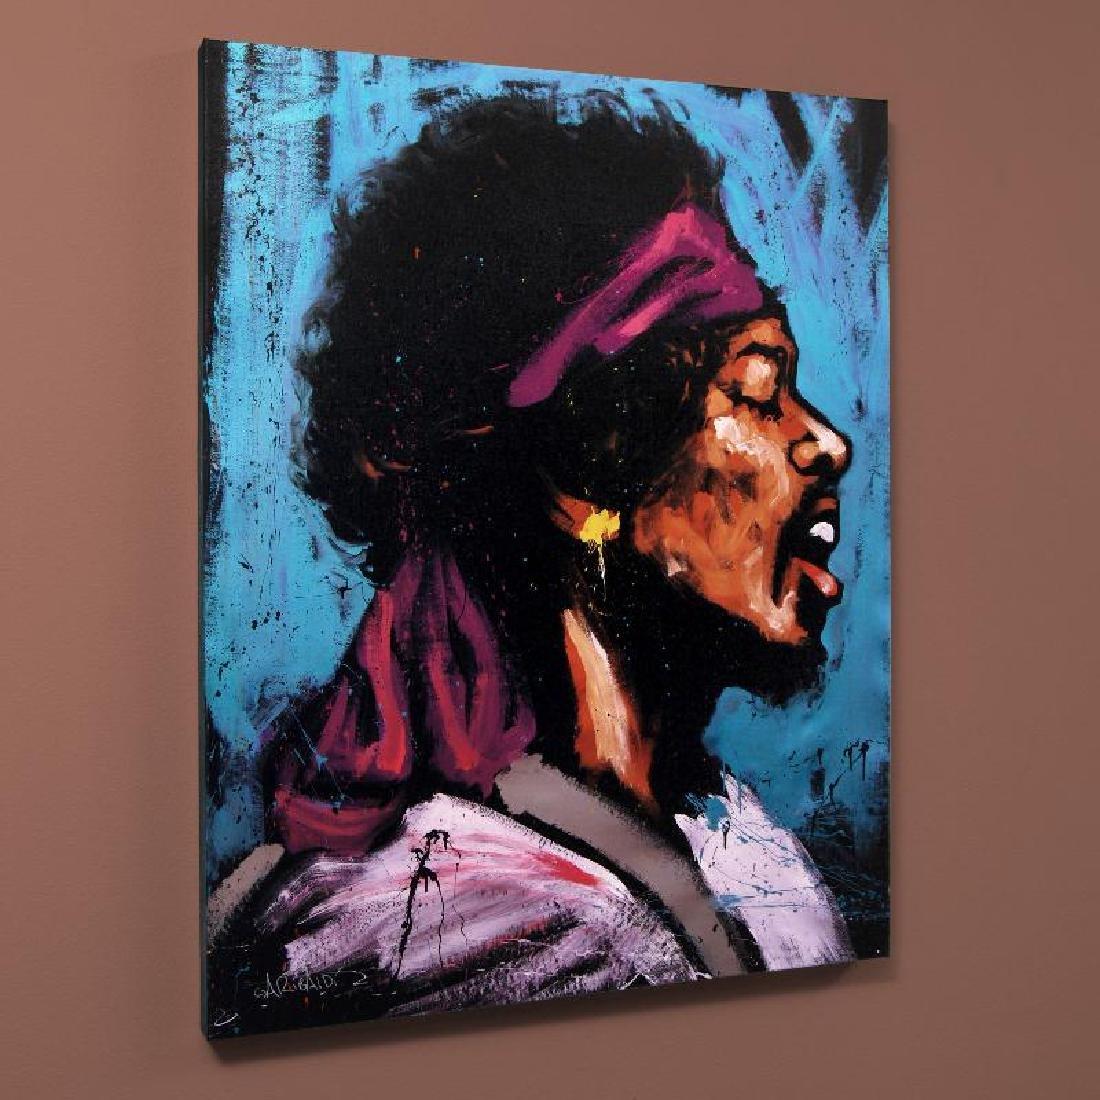 Jimi Hendrix (Bandana) by Garibaldi, David